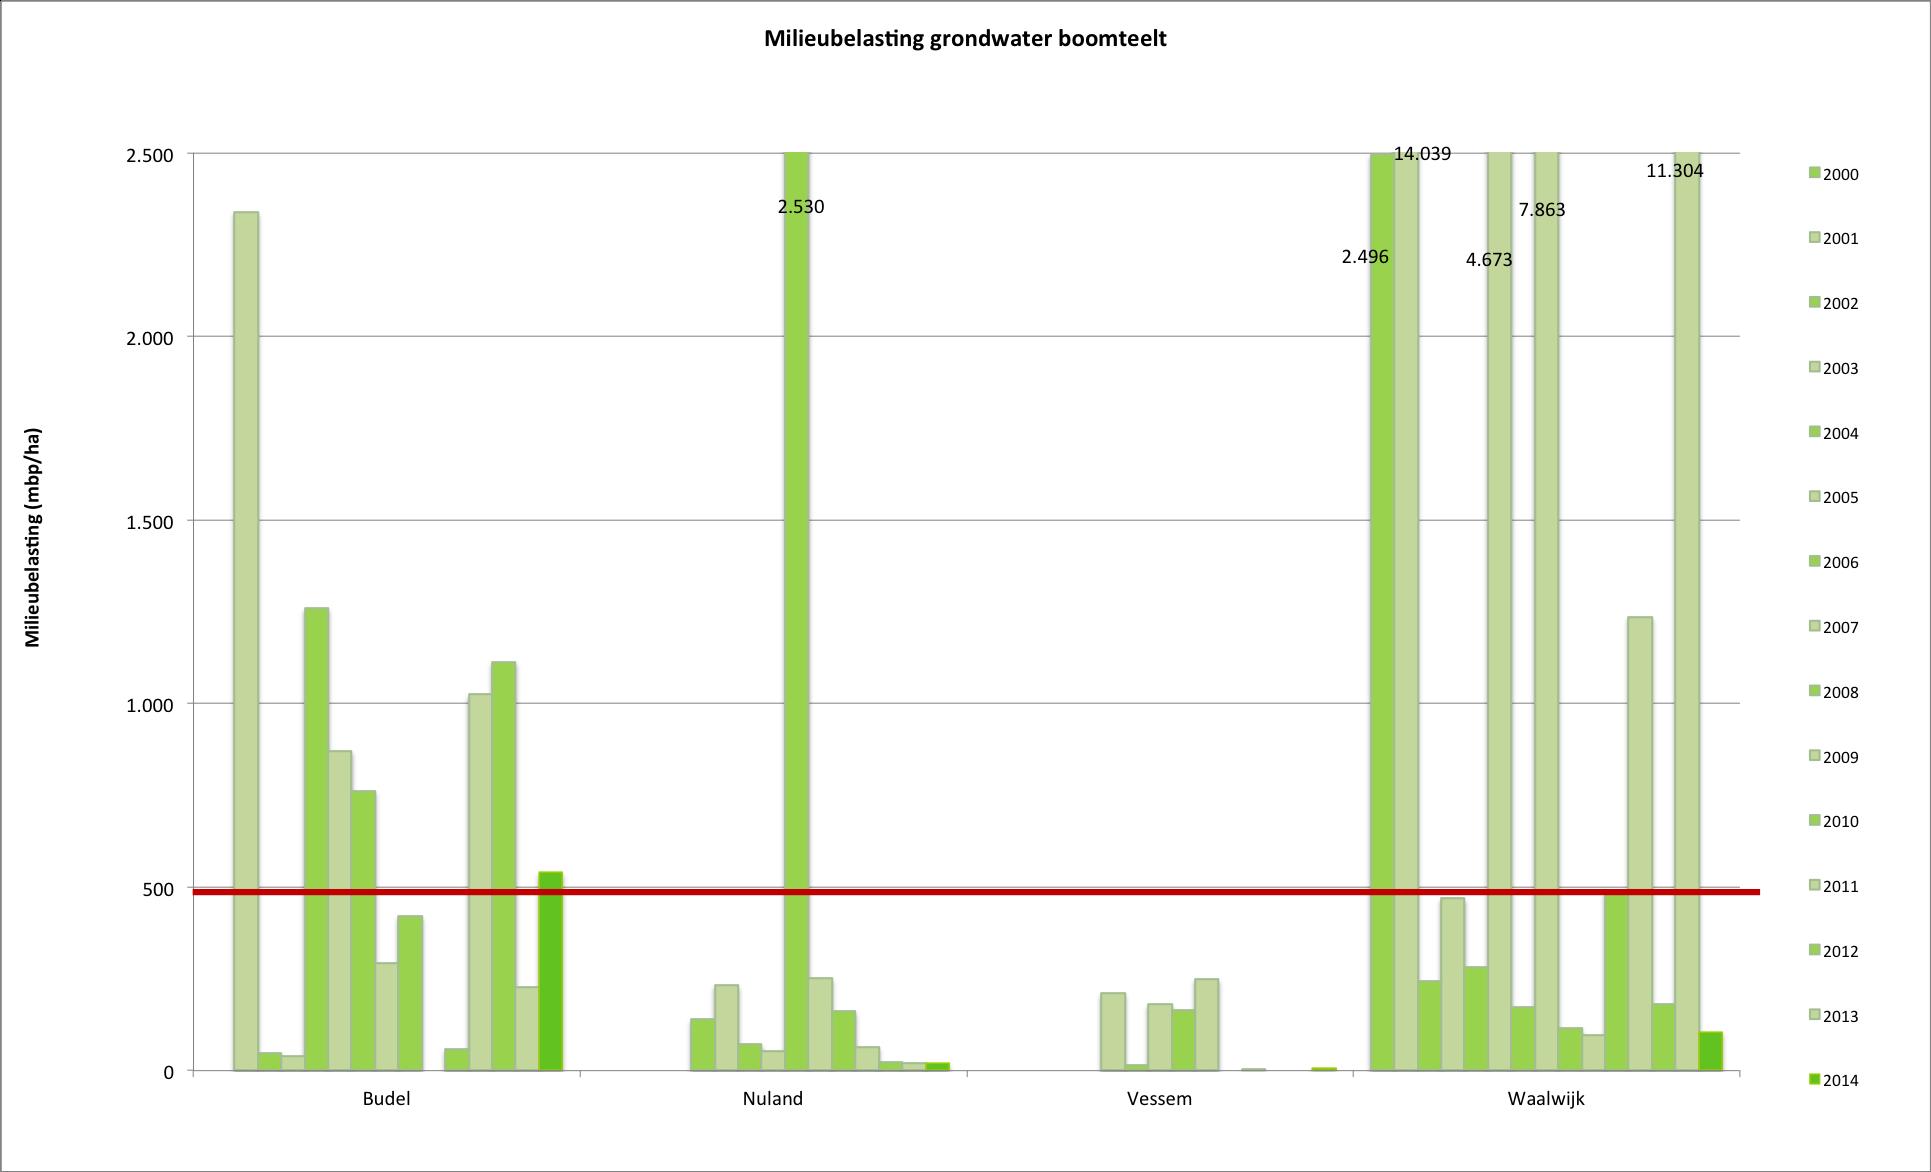 Gemiddelde milieubelasting van grondwater (mbp/ha) in boomteelt in de grondwaterbeschermingsgebieden tussen 2000 en 2014. De horizontale lijn geeft de uitspoelingsnorm van 500 mbp/ha weer.